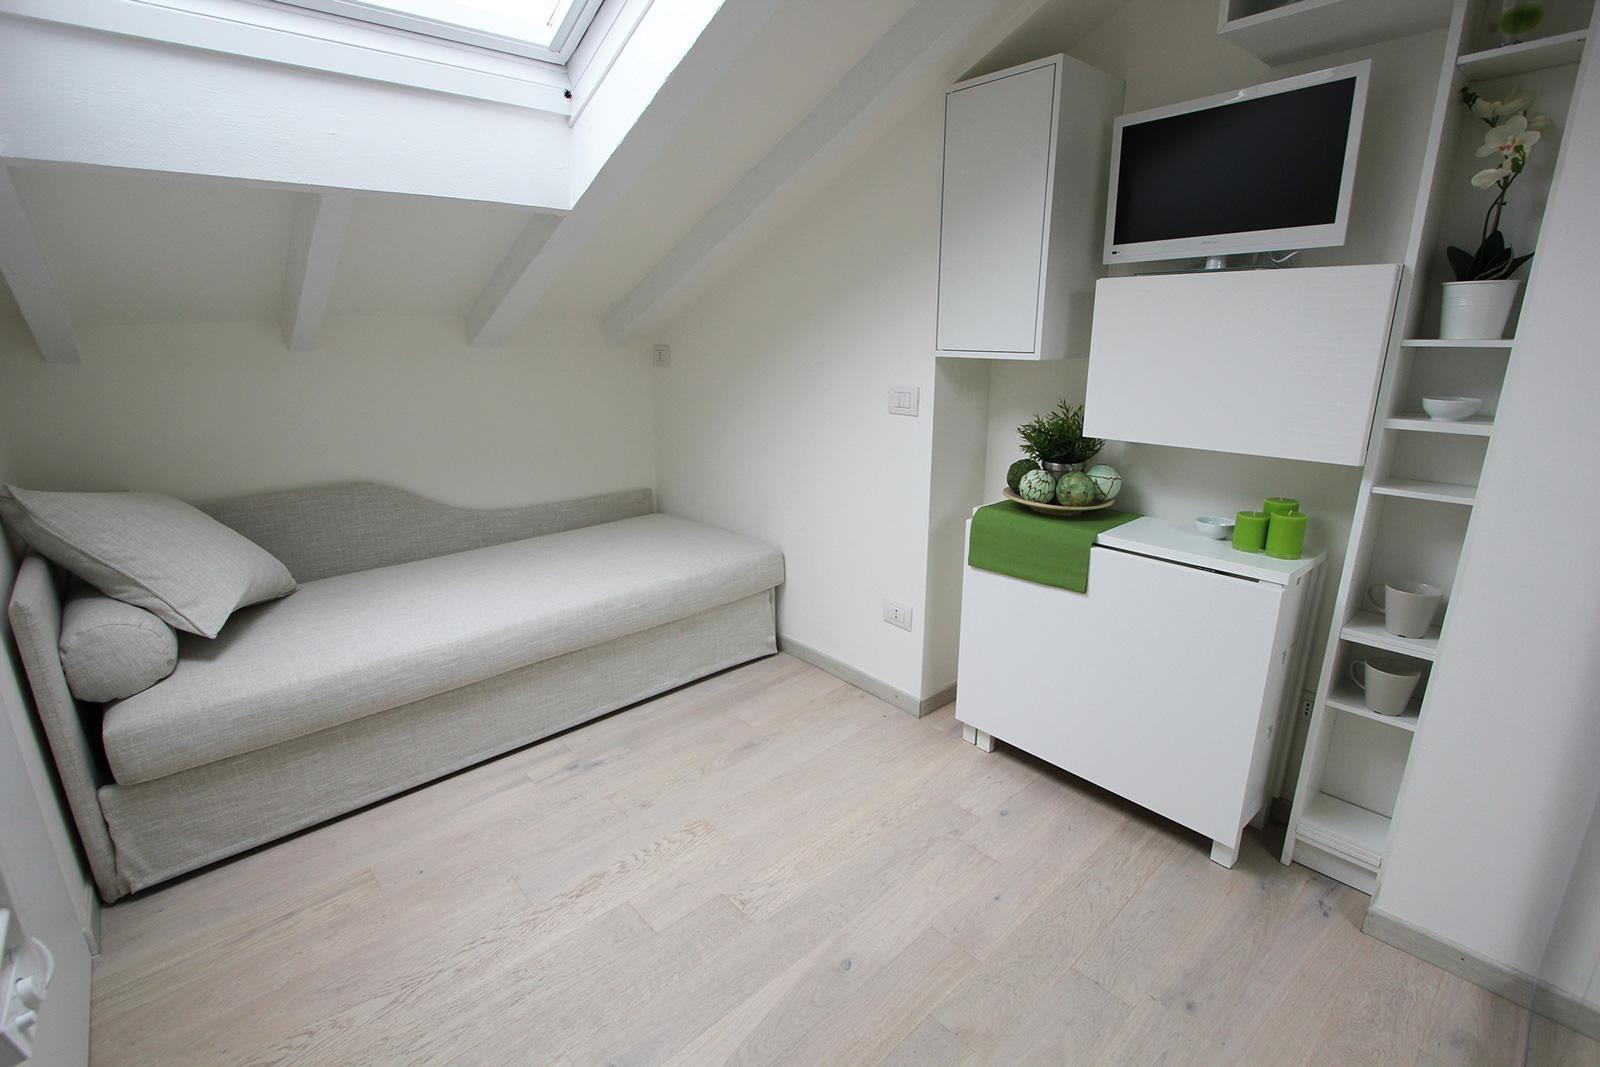 Mobili Per Arredare Piccoli Spazi : Mobili per piccoli spazi i trasformabili casa luce